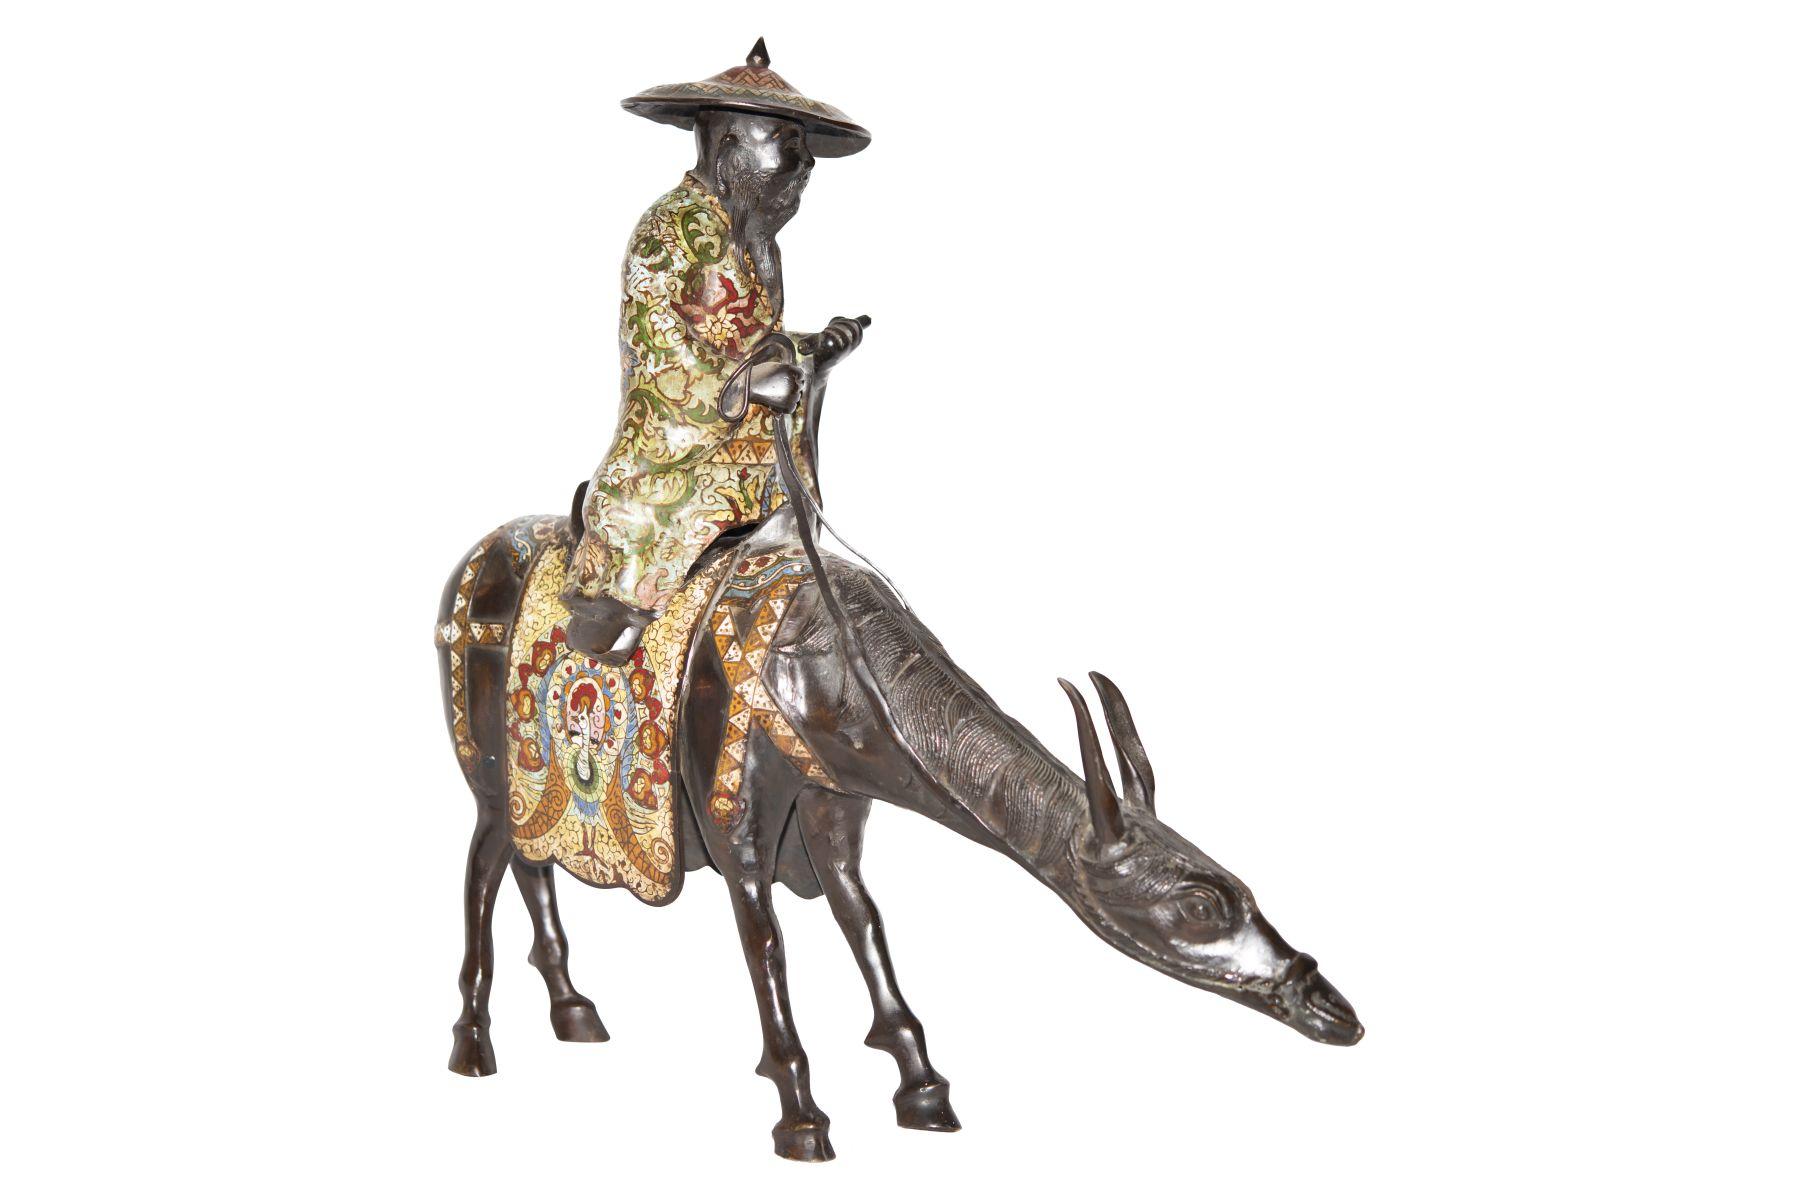 #94 Bronze Figure of a Scholar Riding a Donkey | Bronzefigur eines auf einem Esel reitenden Gelehrten Image